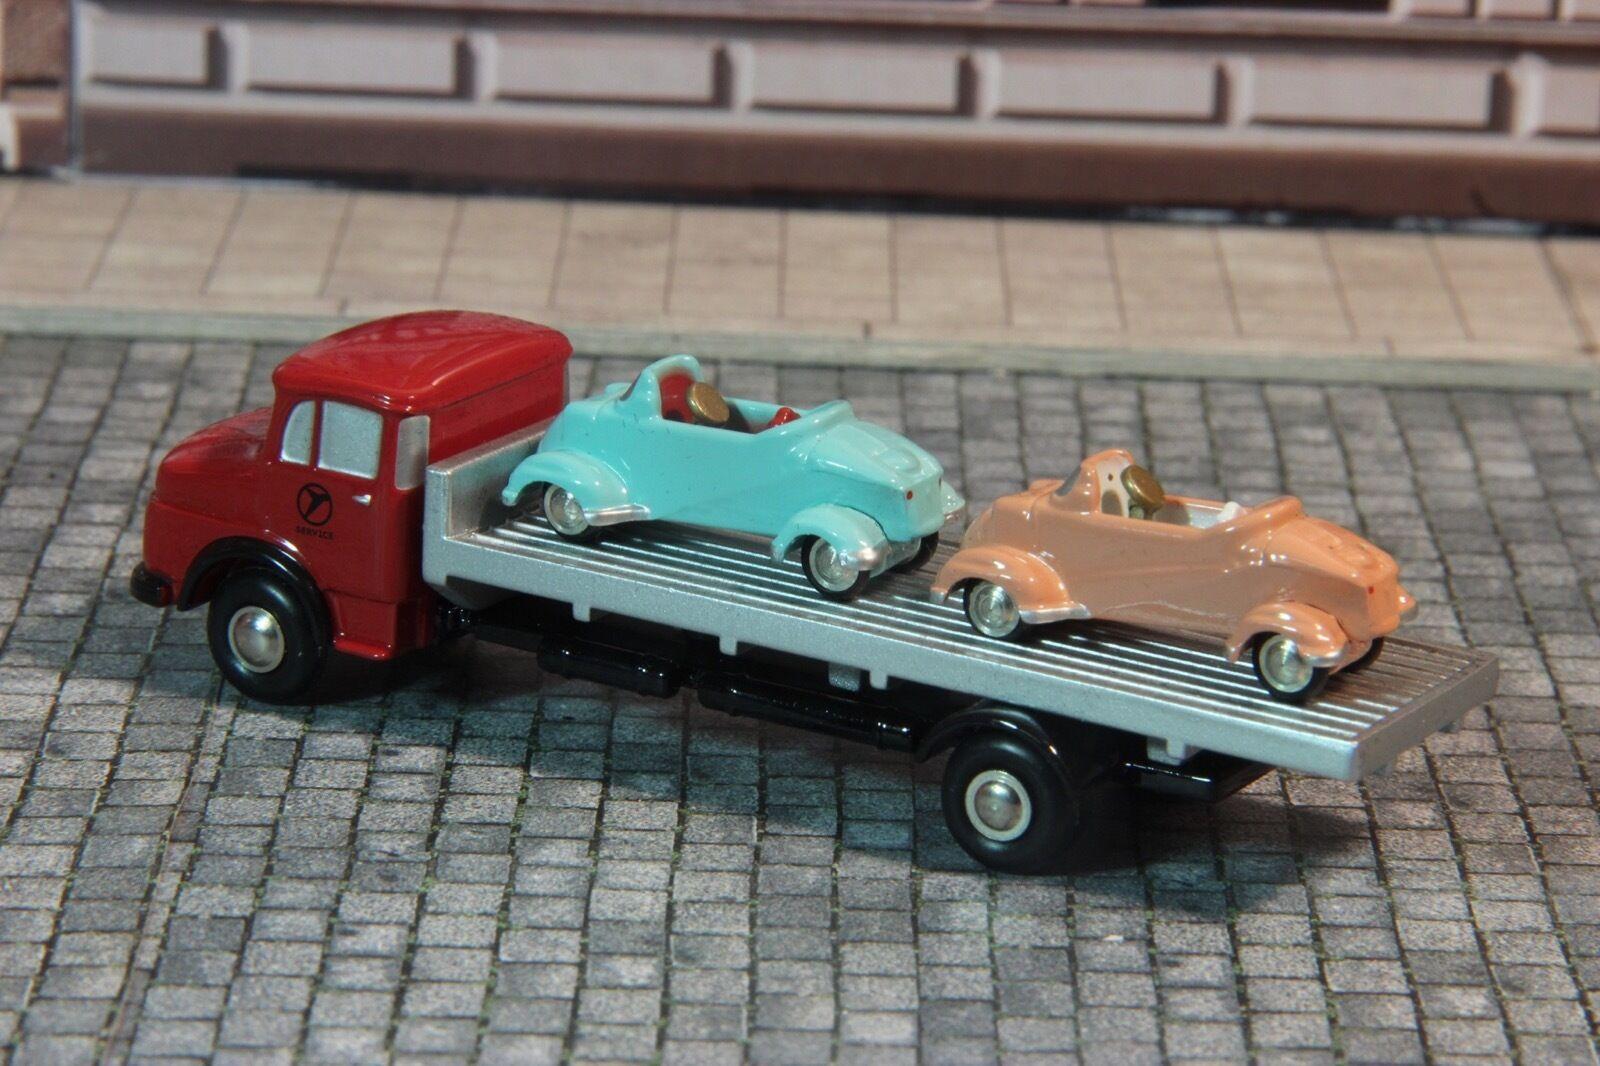 Schuco 05866 05866 05866 MB L322 Pritschen-LKW mit 2 Messerschmitt Kabinenroller 1 1000  | Exquisite (mittlere) Verarbeitung  973f19